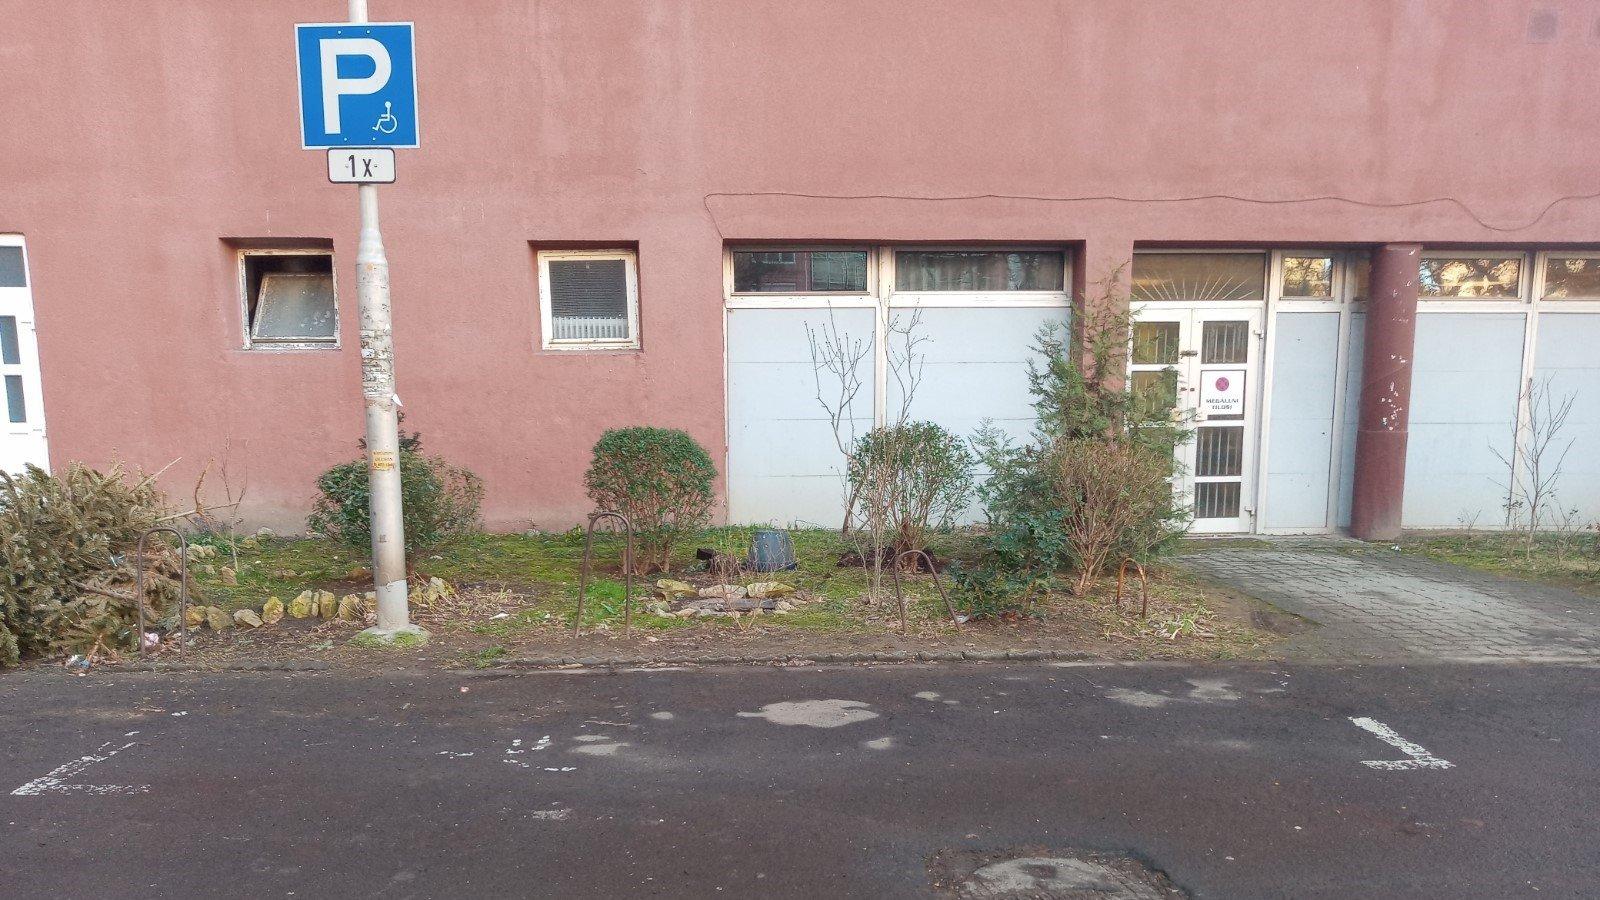 Car park in public area